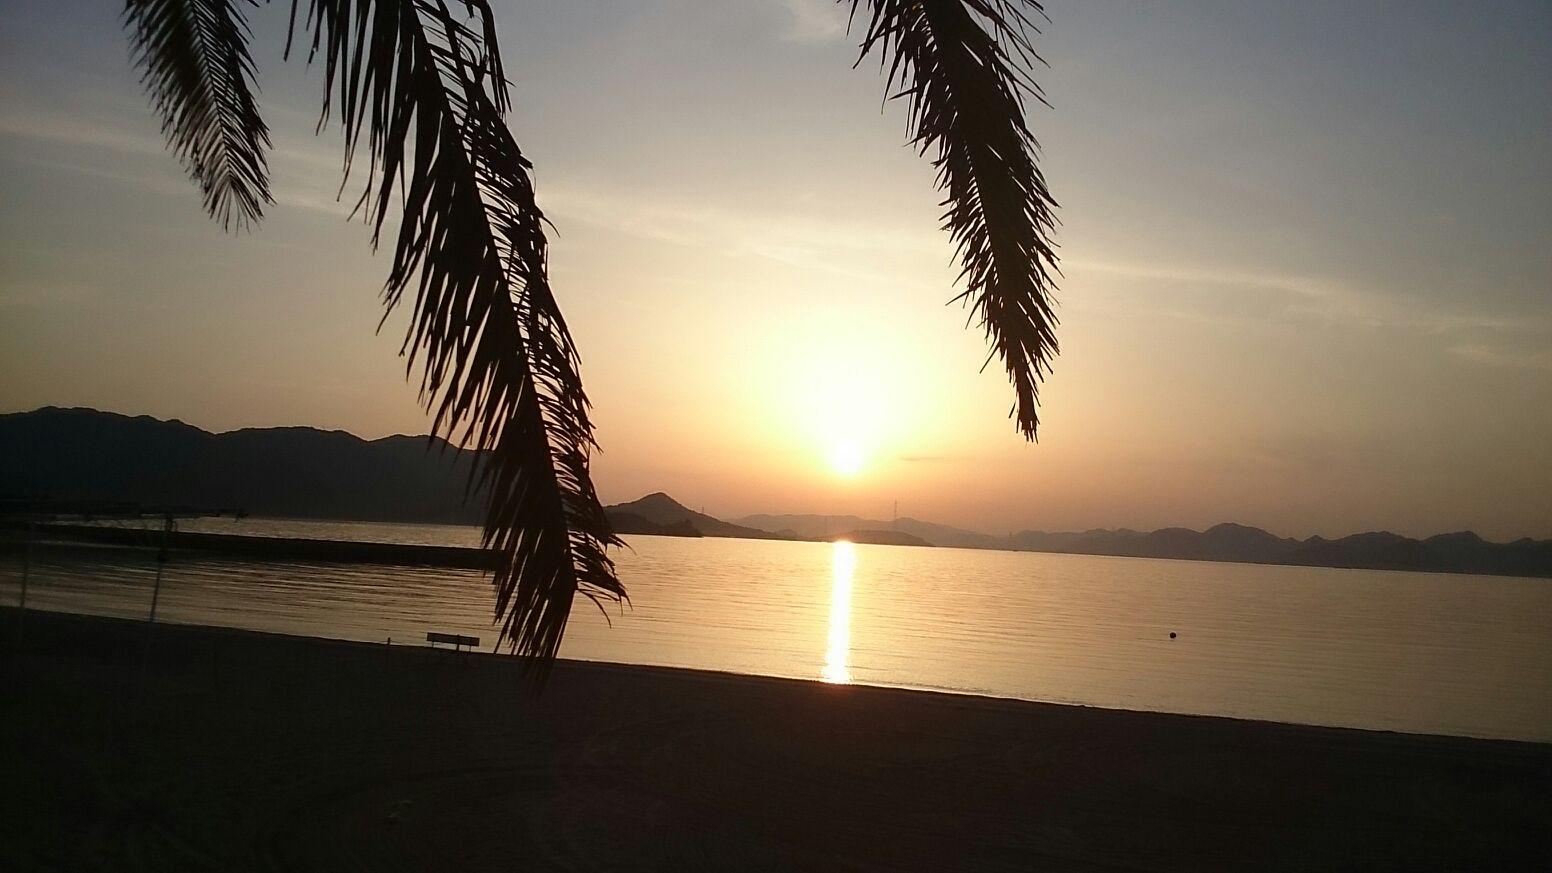 瀬戸田サンセットビーチ -夕暮れの時間帯-